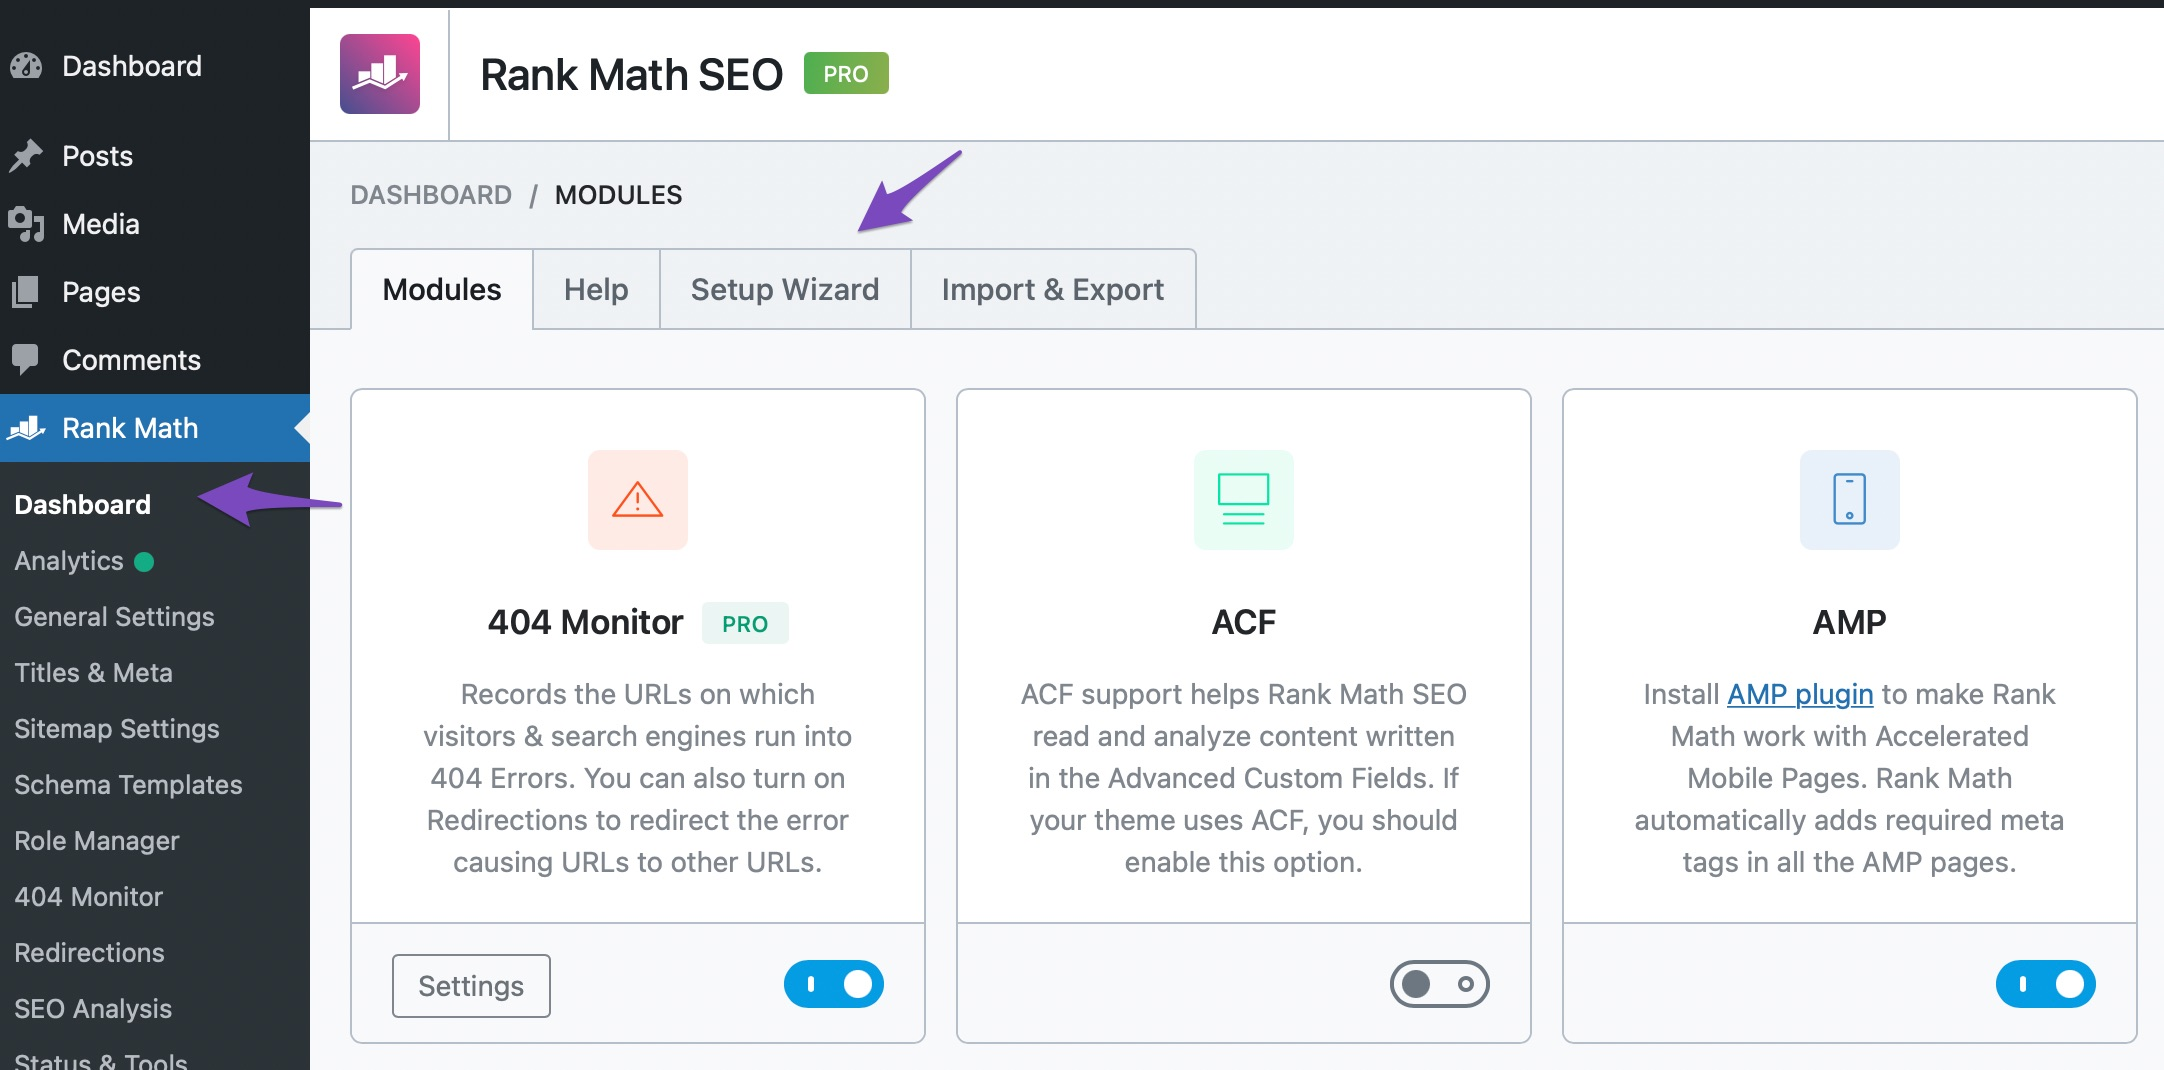 Initiate Rank Math Setup Wizard from Rank Math Dashboard